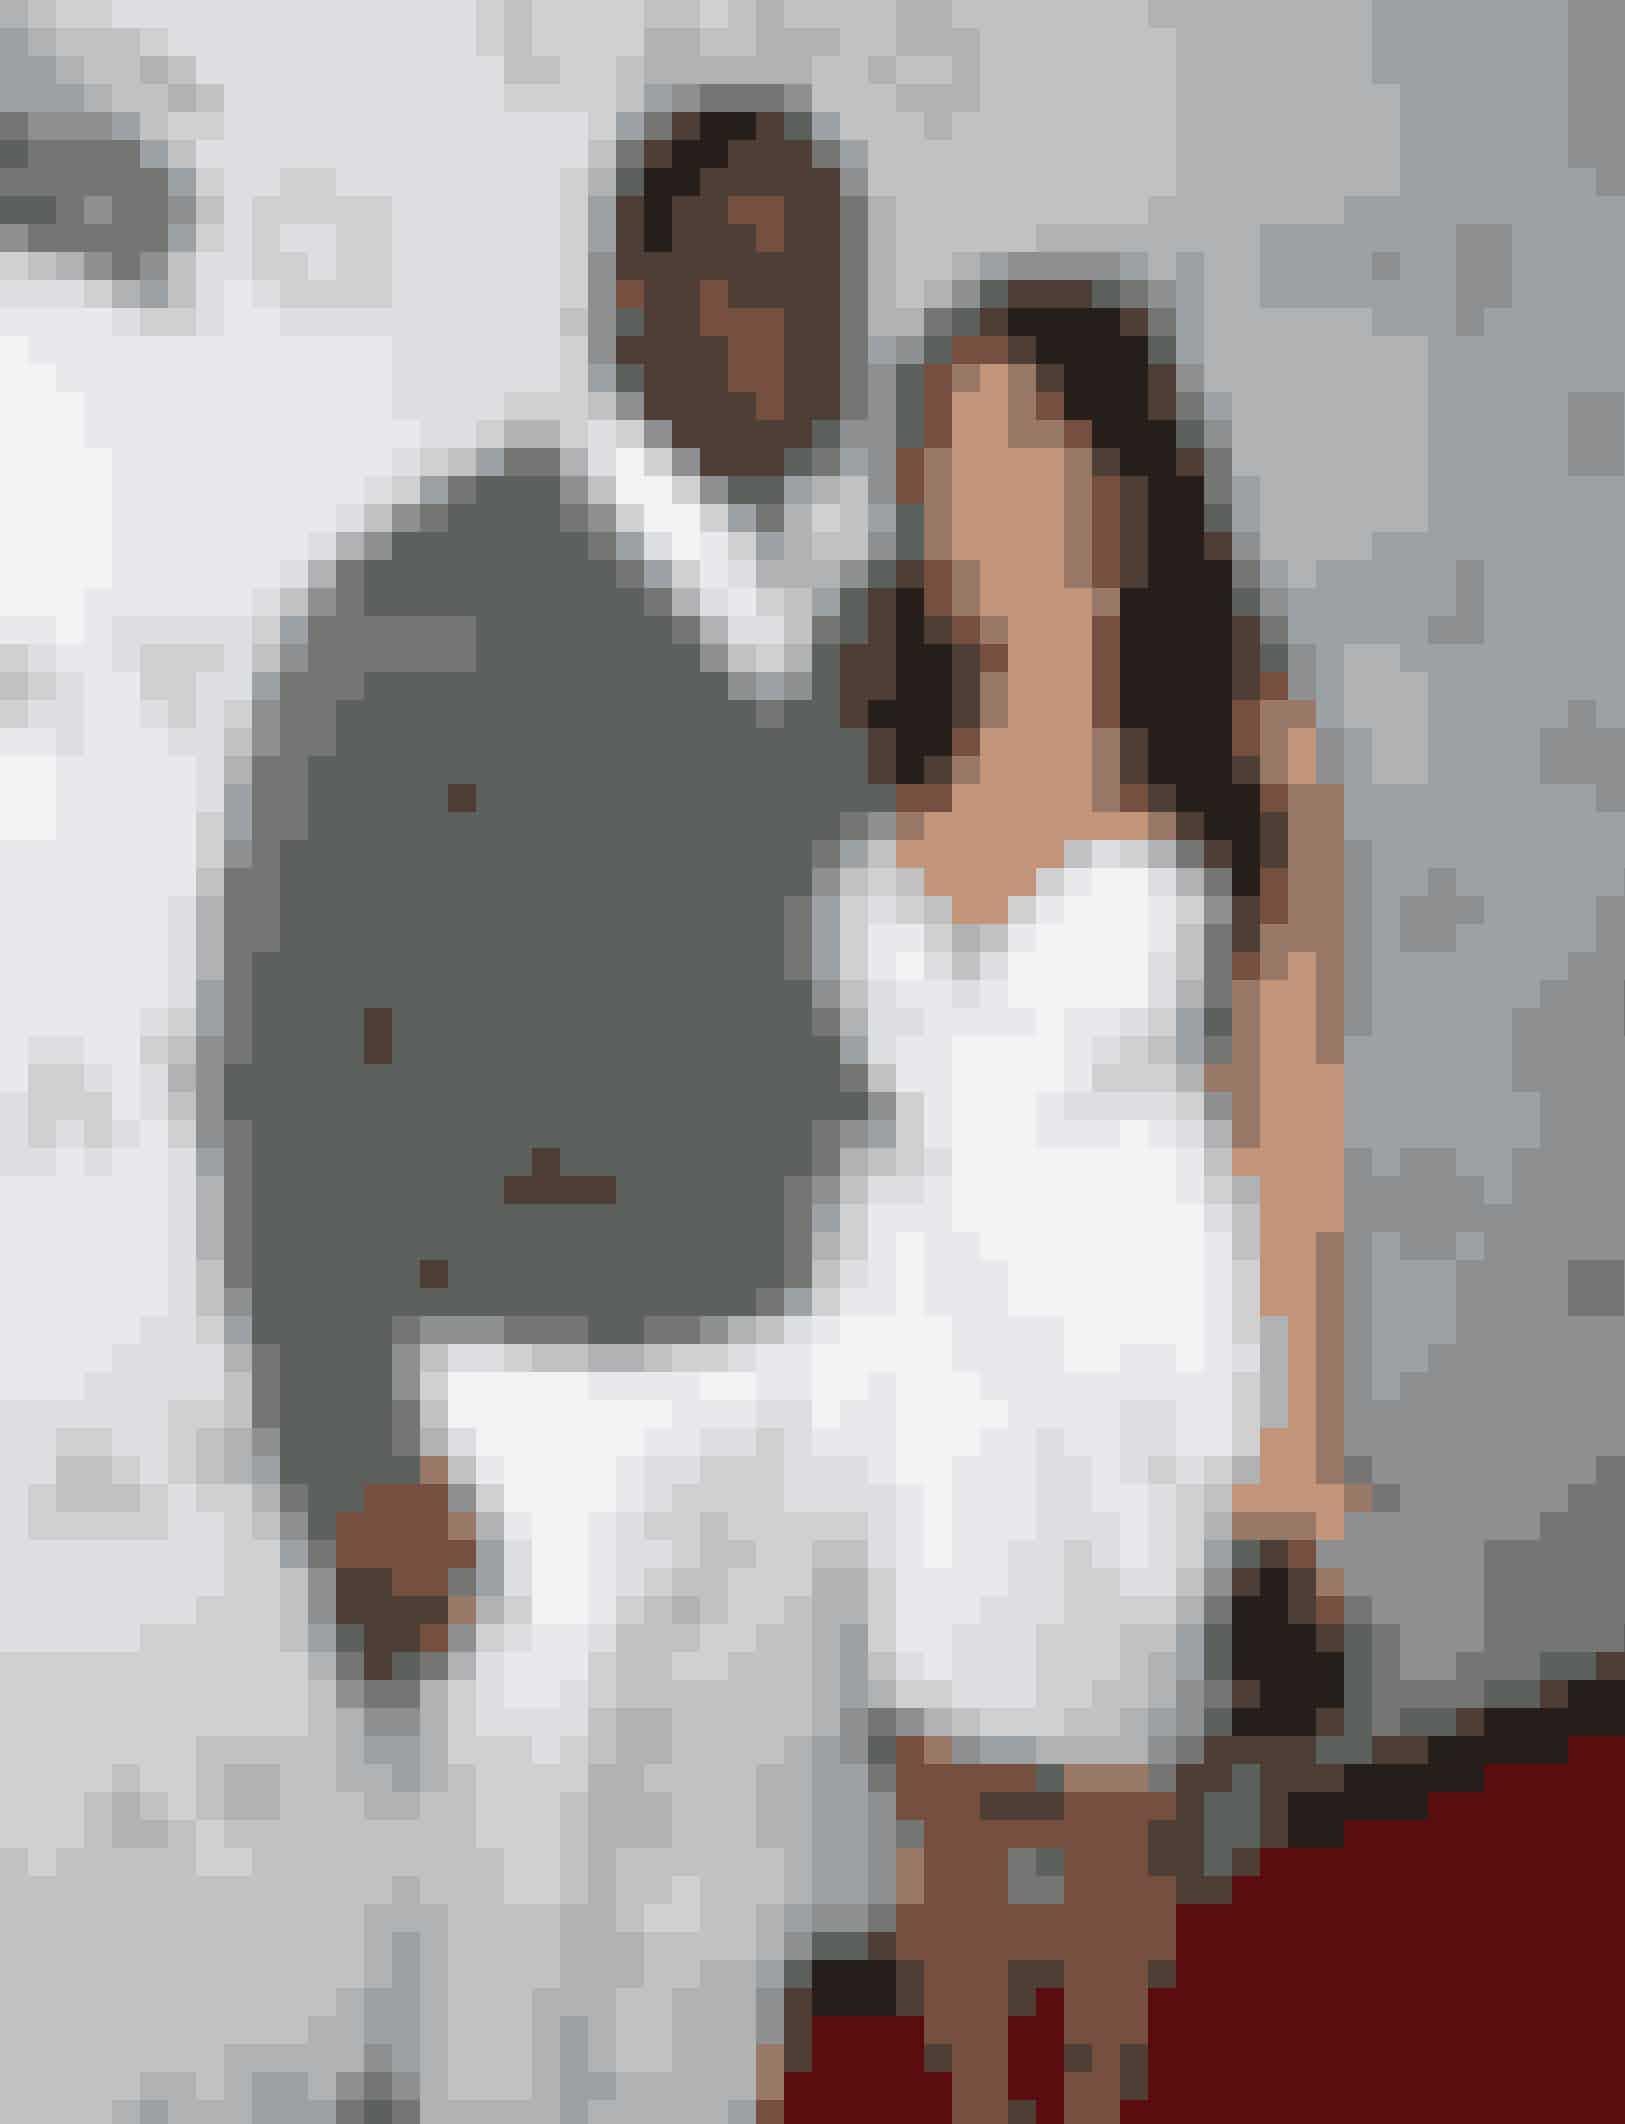 Kim nåede ikke en gang at blive skilt, inden hun fandt sammen med rapperen Ray J i 2002. Forholdet gik on-and-off indtil 2007. Parret blev især kendt for deres famøse sexbånd, som Ray valgte at dele til offentligheden, efter de var gået fra hinanden. Det skete uheldigvis lige inden at realityserien 'Keeping Up with the Kardashian' havde præmiere. Det skabte noget af en shitstorm!